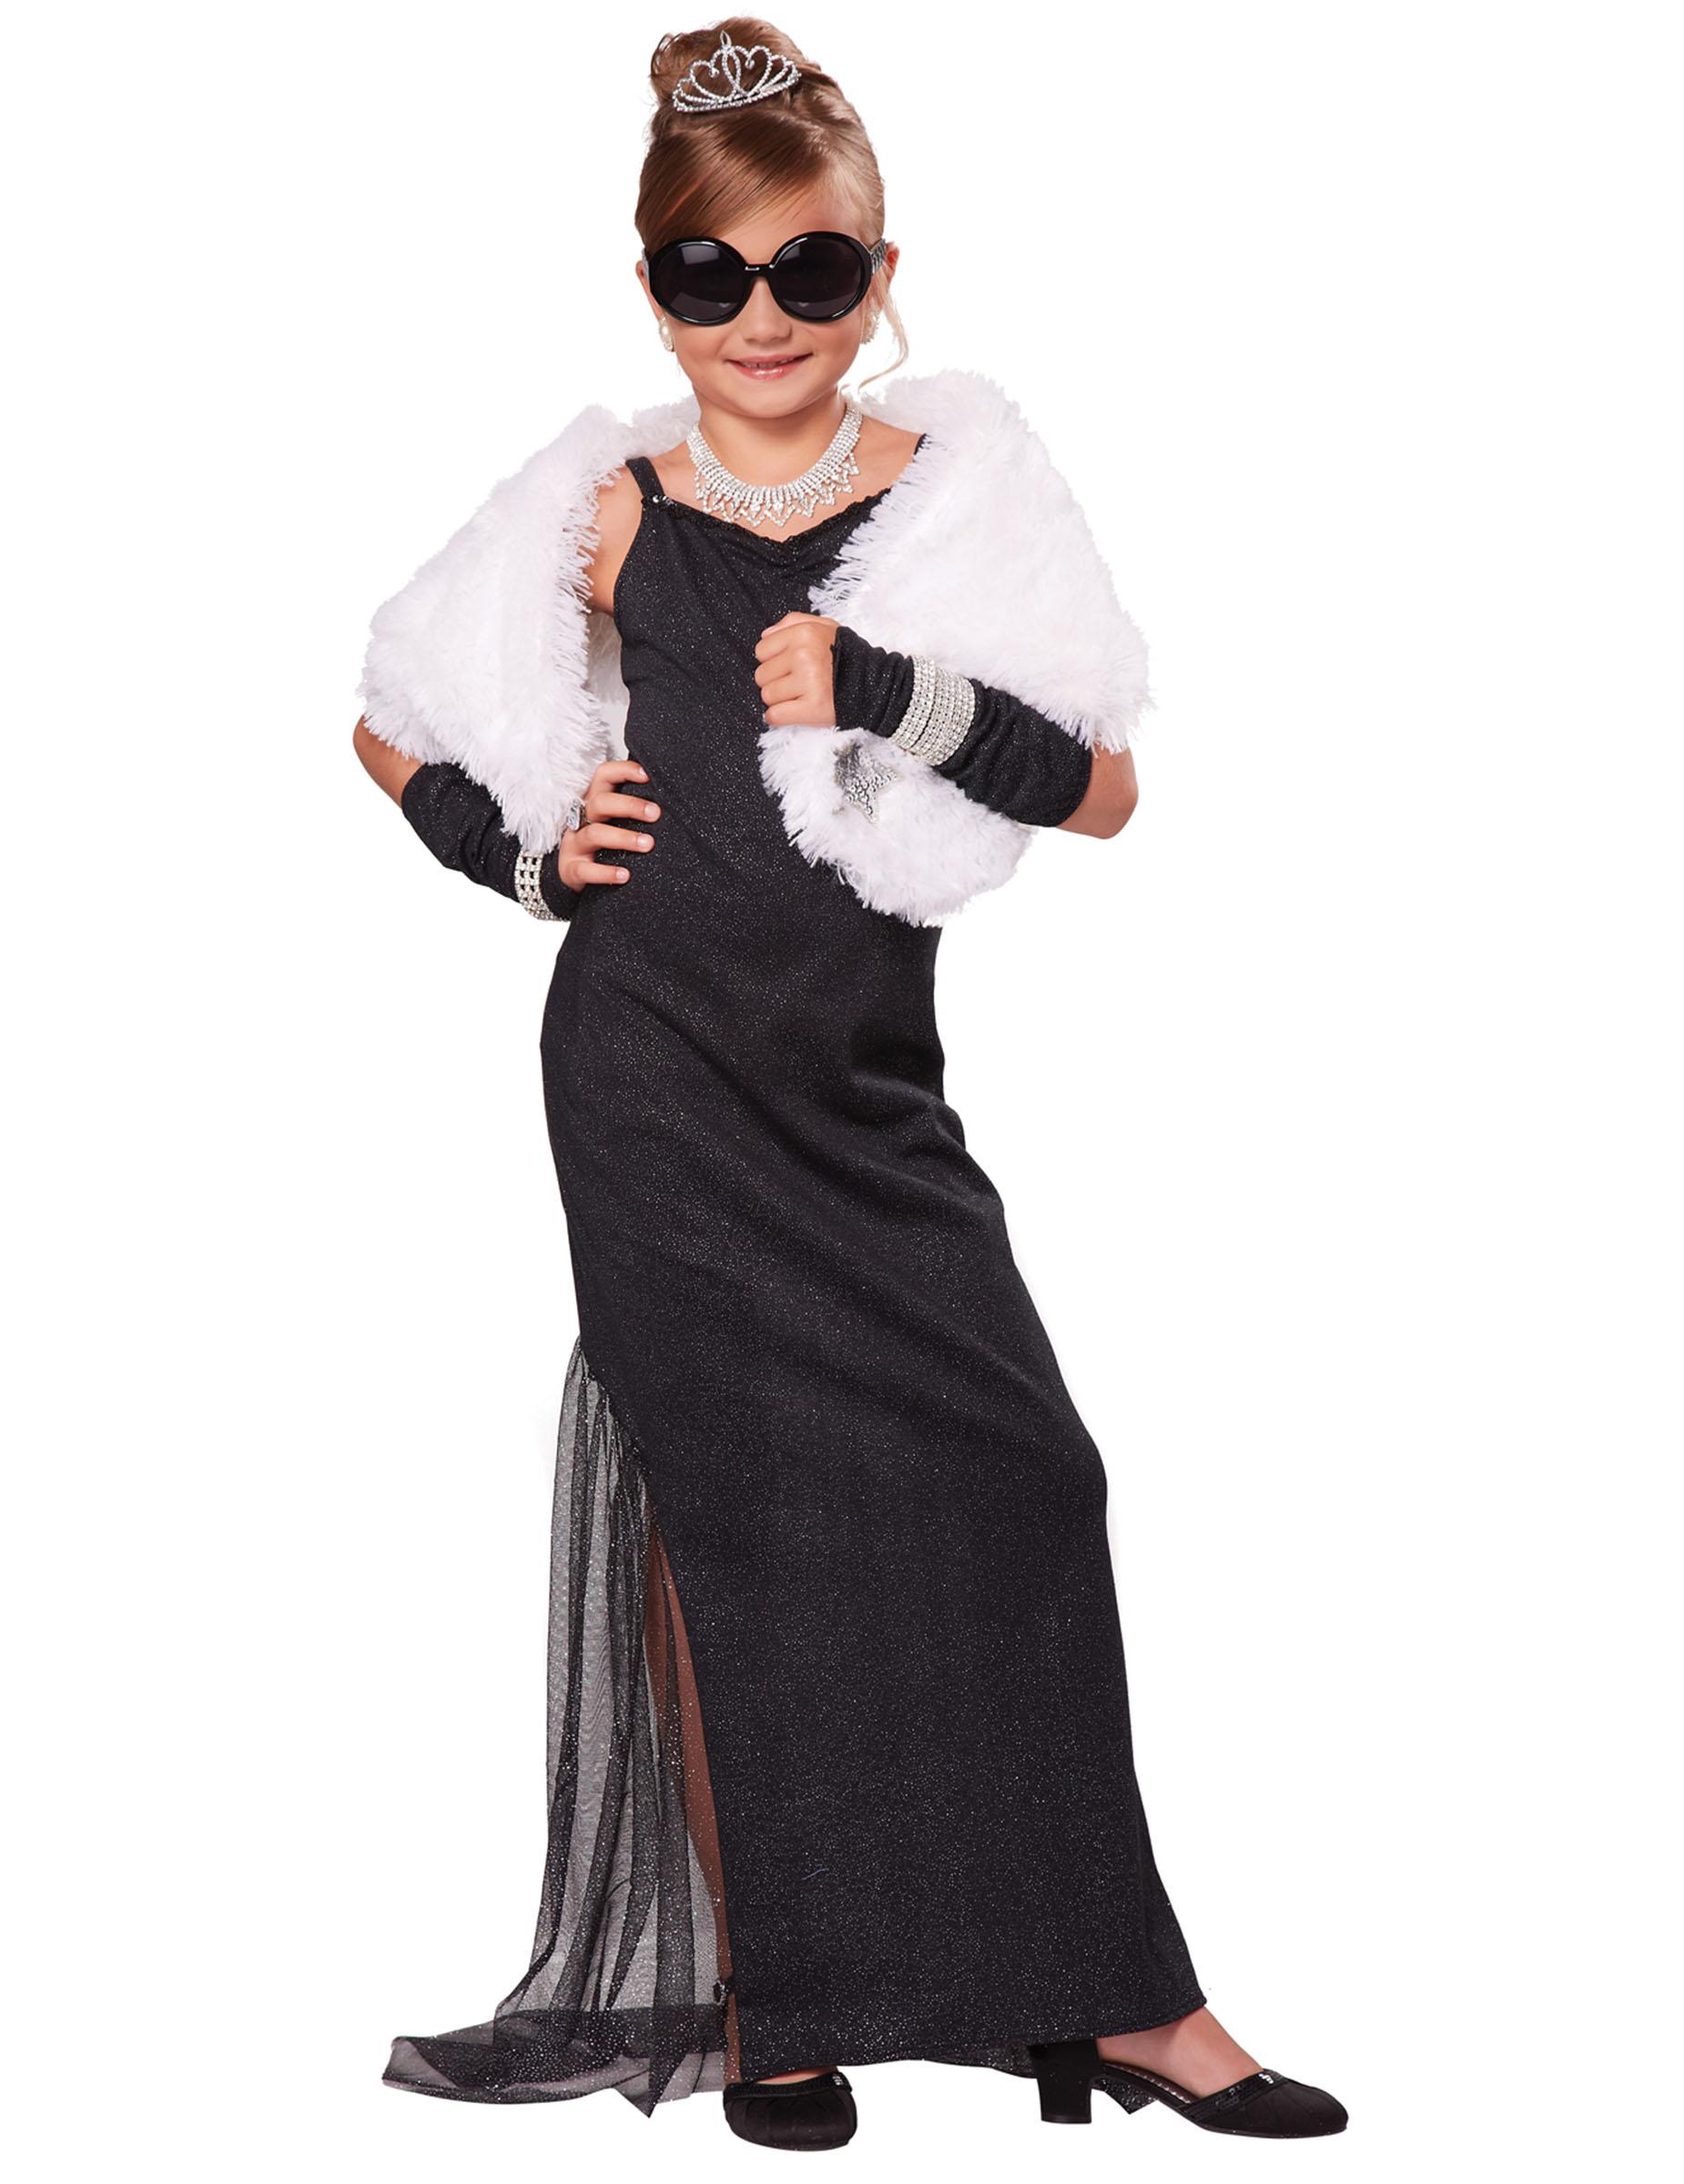 Kostume Fur Kinder Hollywood Gunstige Verkleidungen Fur Jungen Und